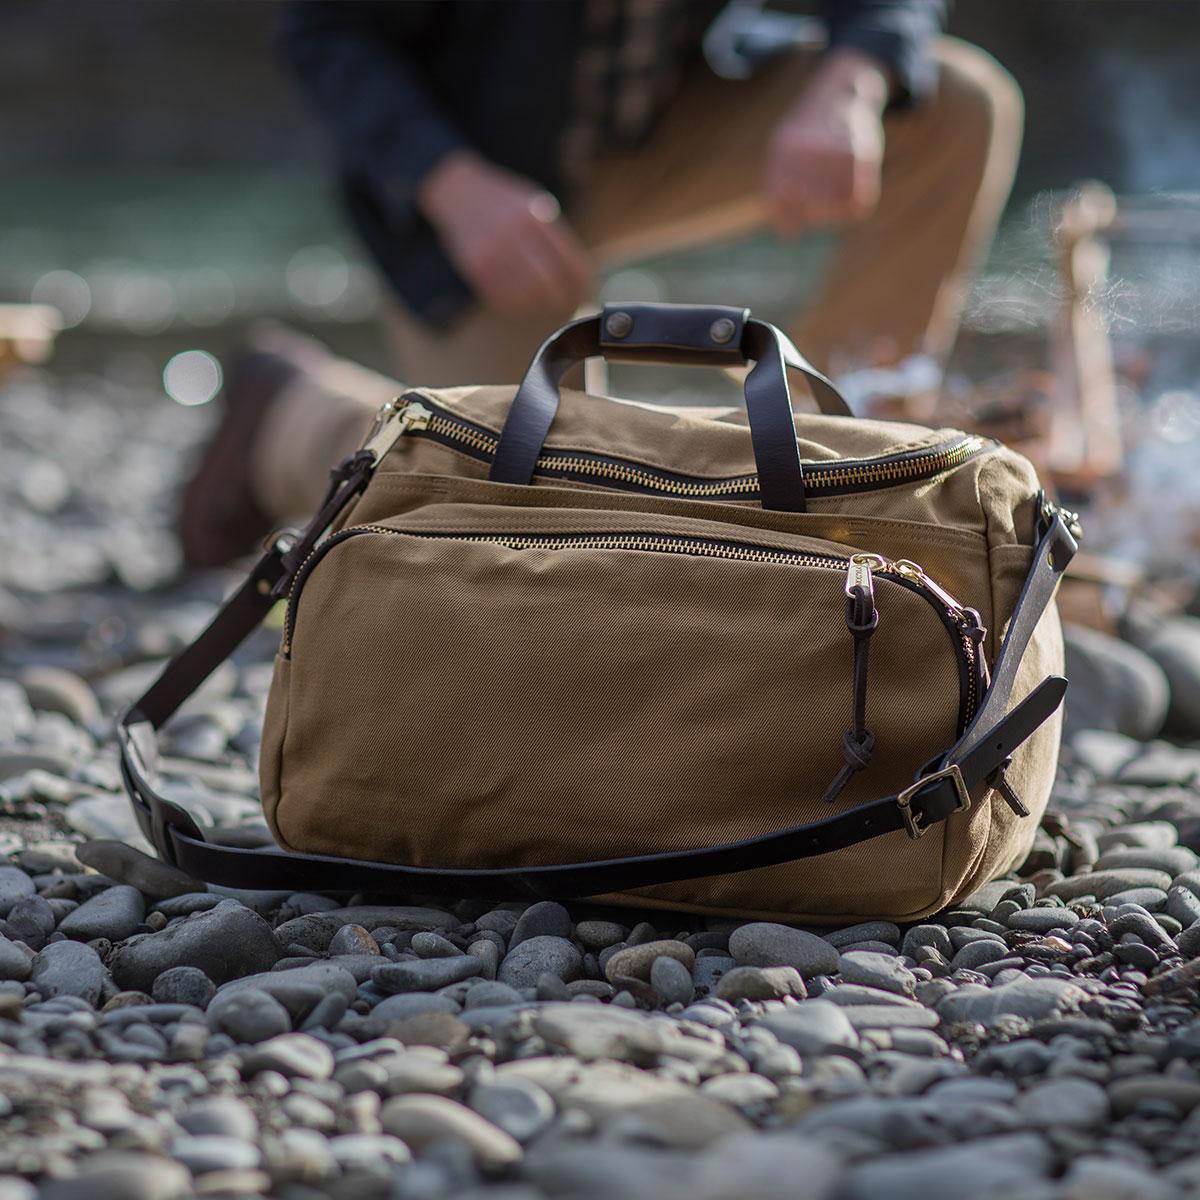 Filson Sportsman Utility Bag Tan, vielseitige Sporttasche für Reisen mit Stil